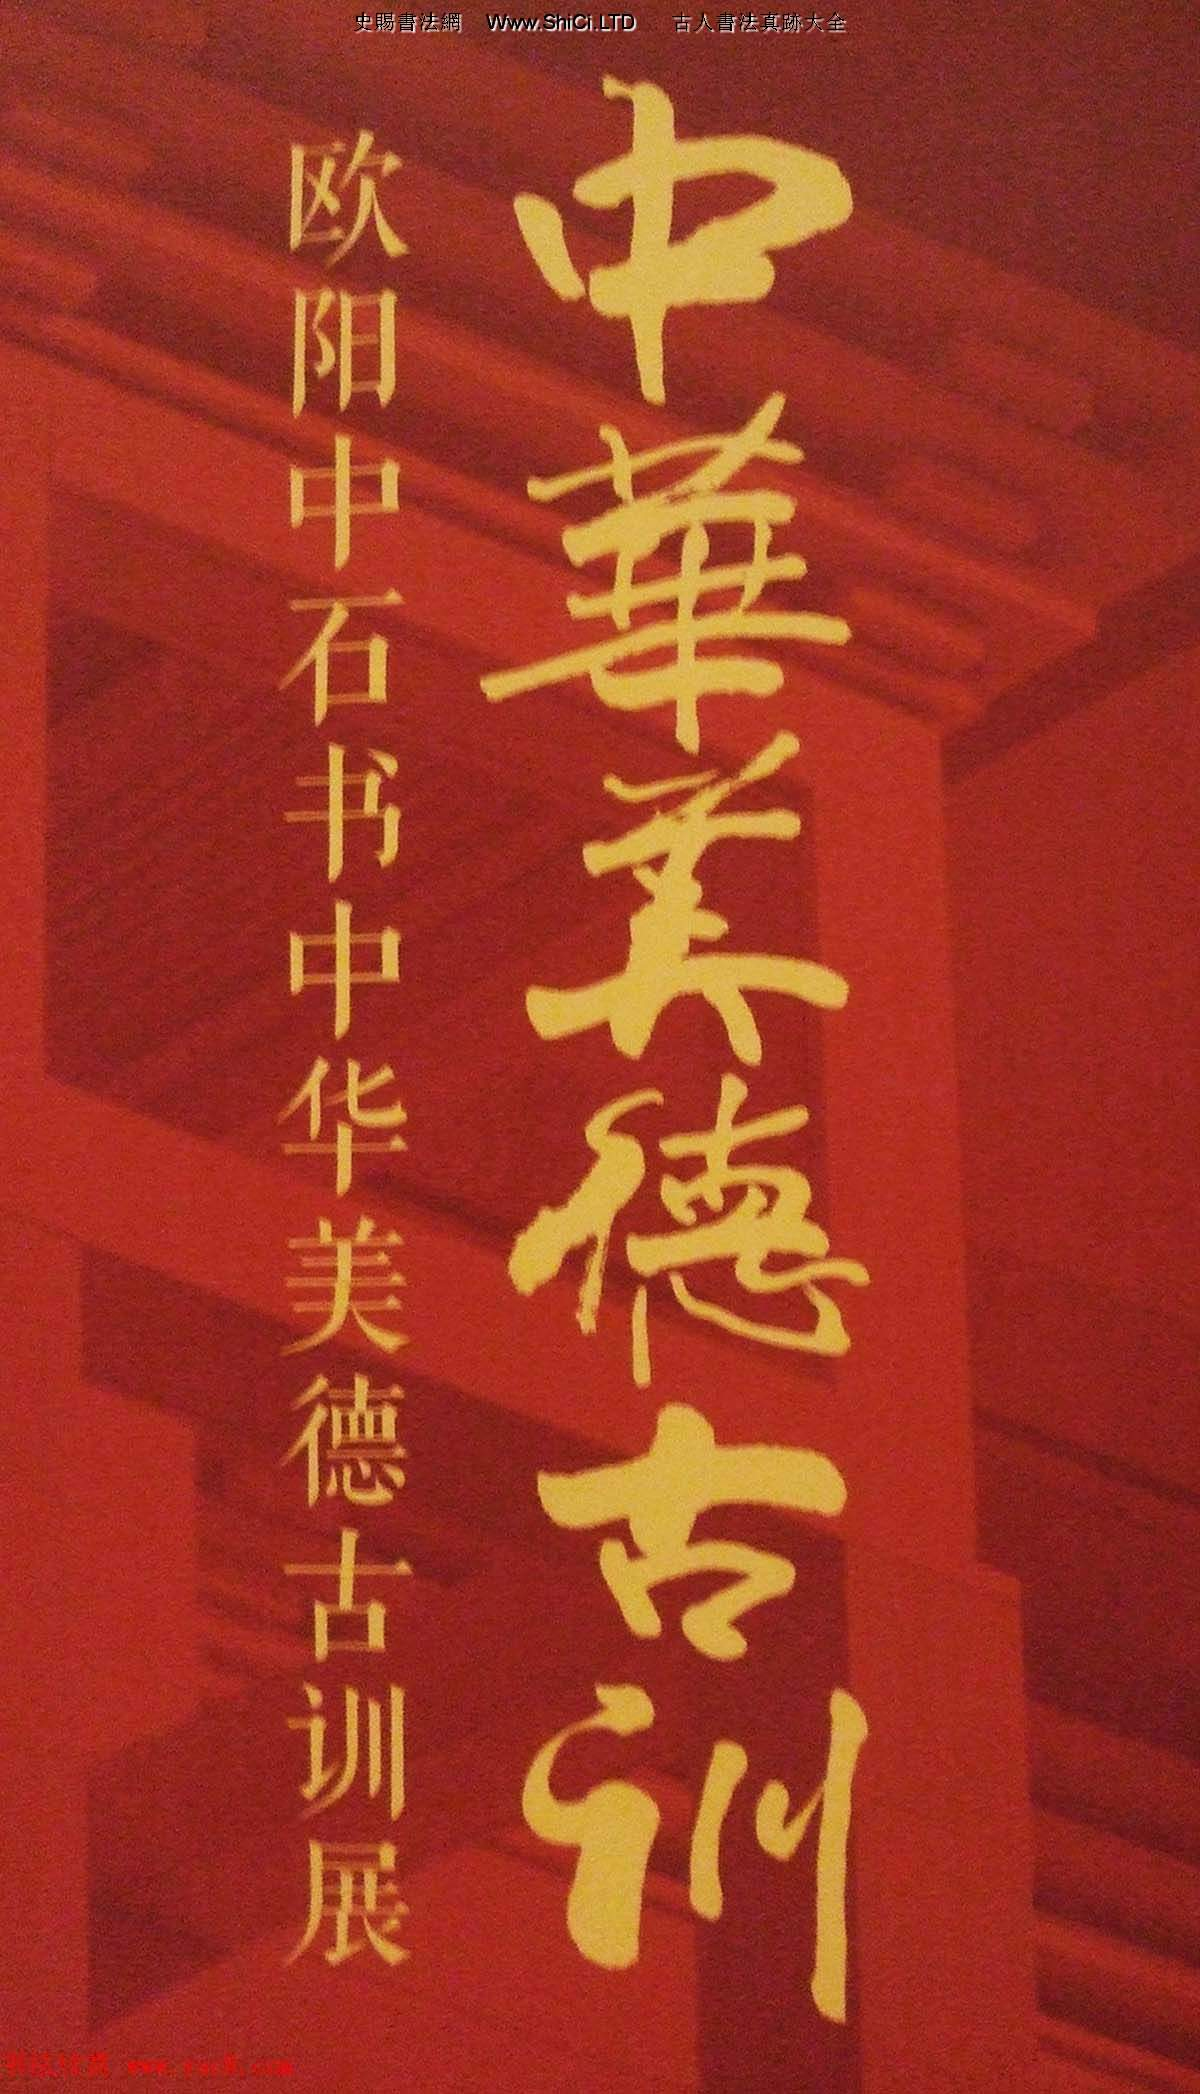 歐陽中石書中華美德古訓展書法作品真跡欣賞(共56張圖片)